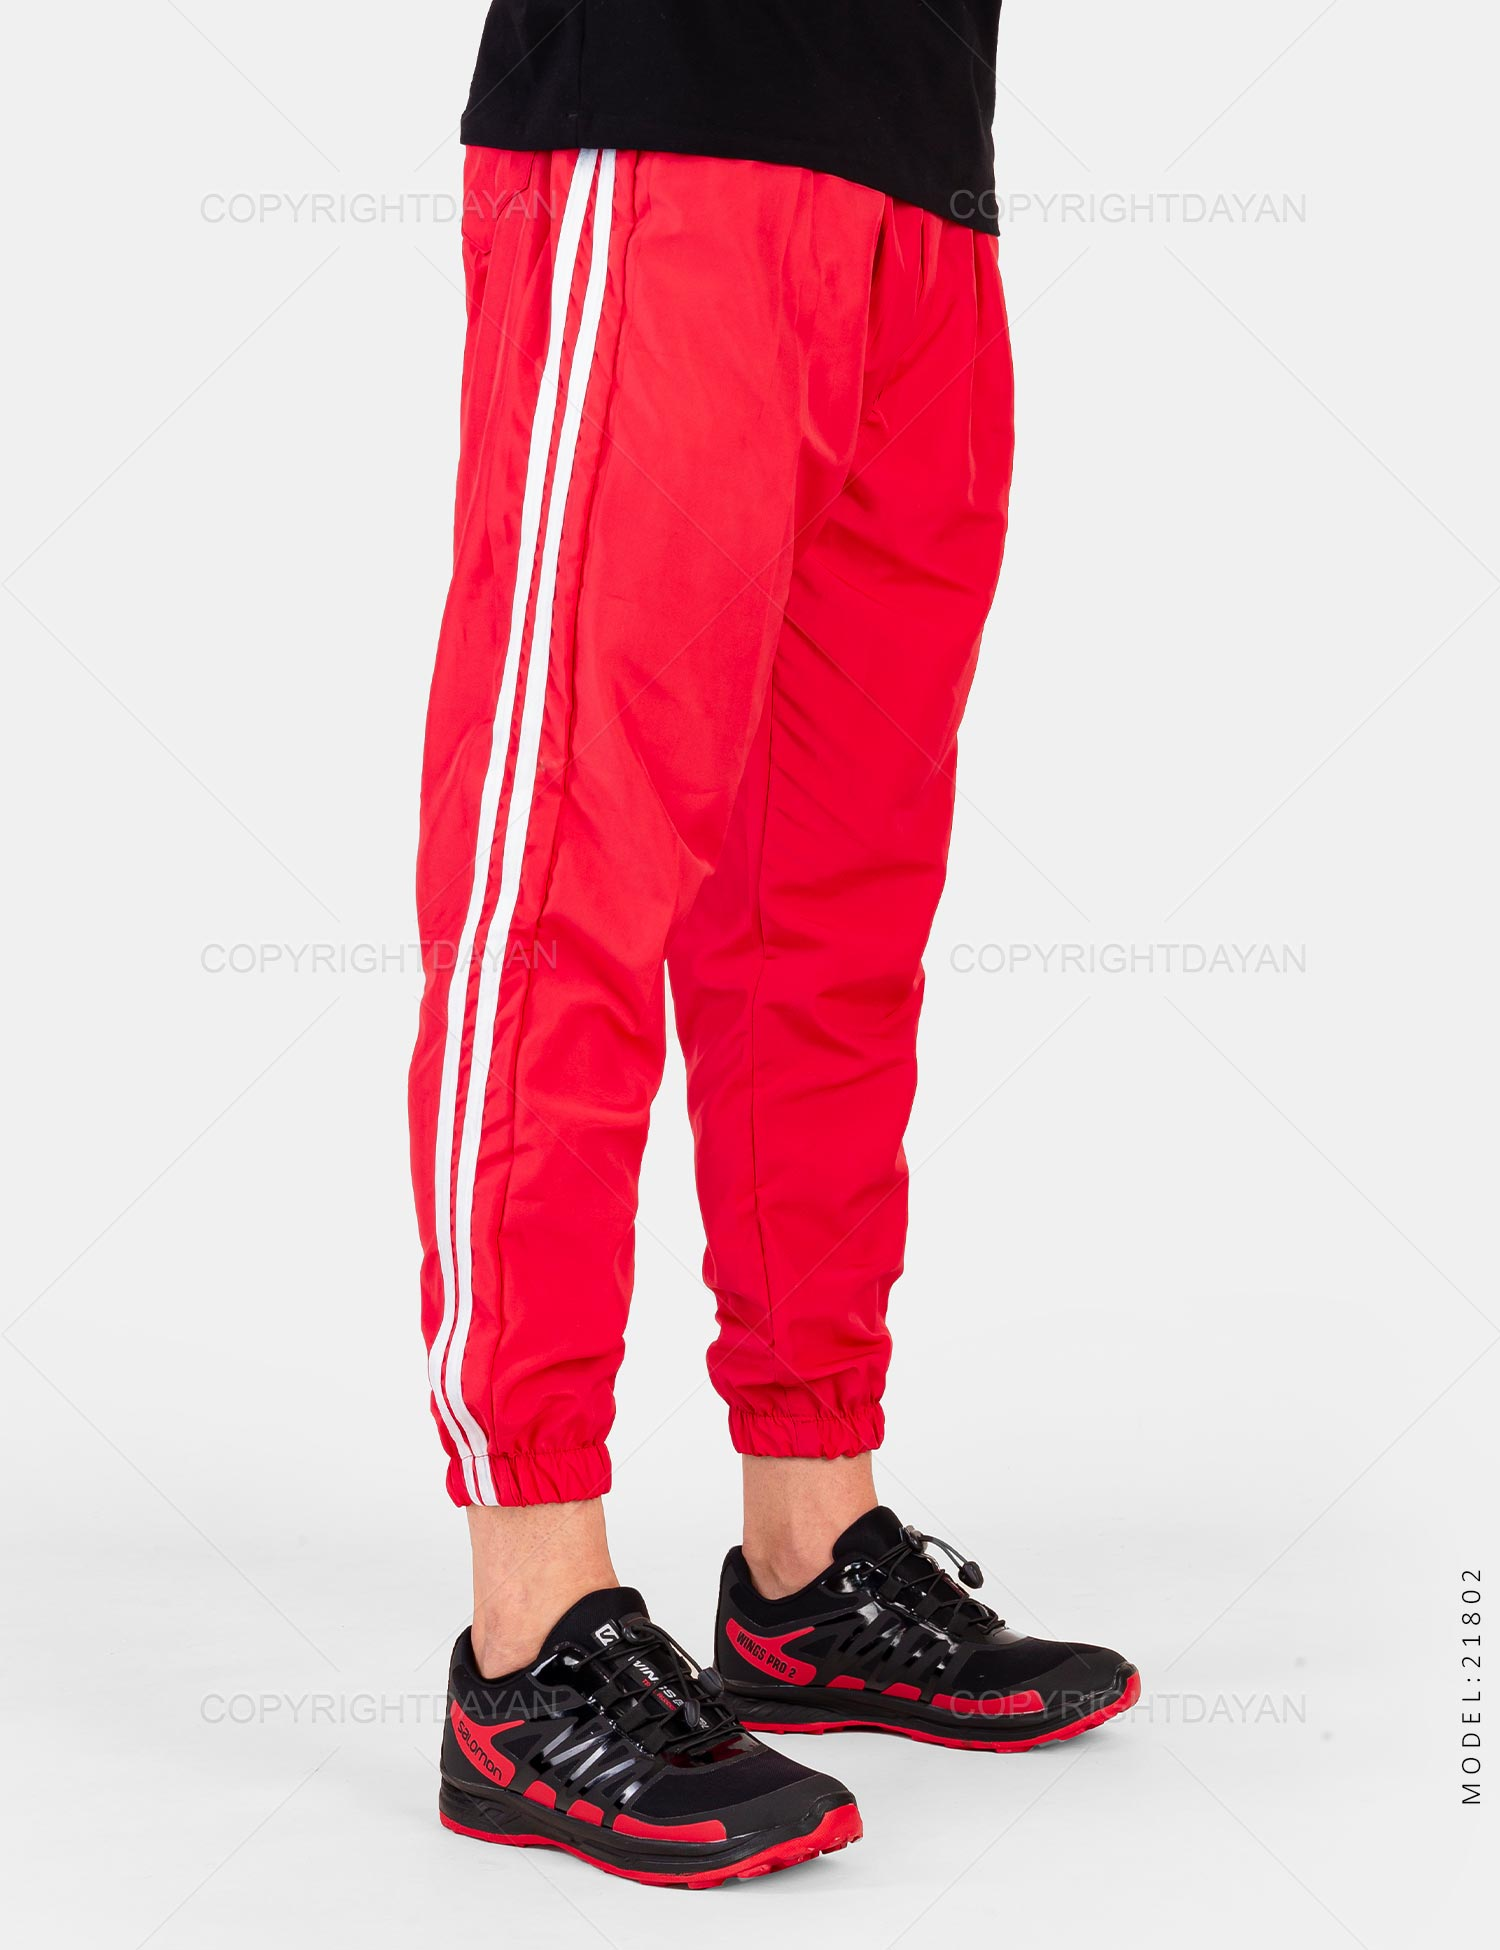 شلوار اسلش مردانه Adidas مدل 21802